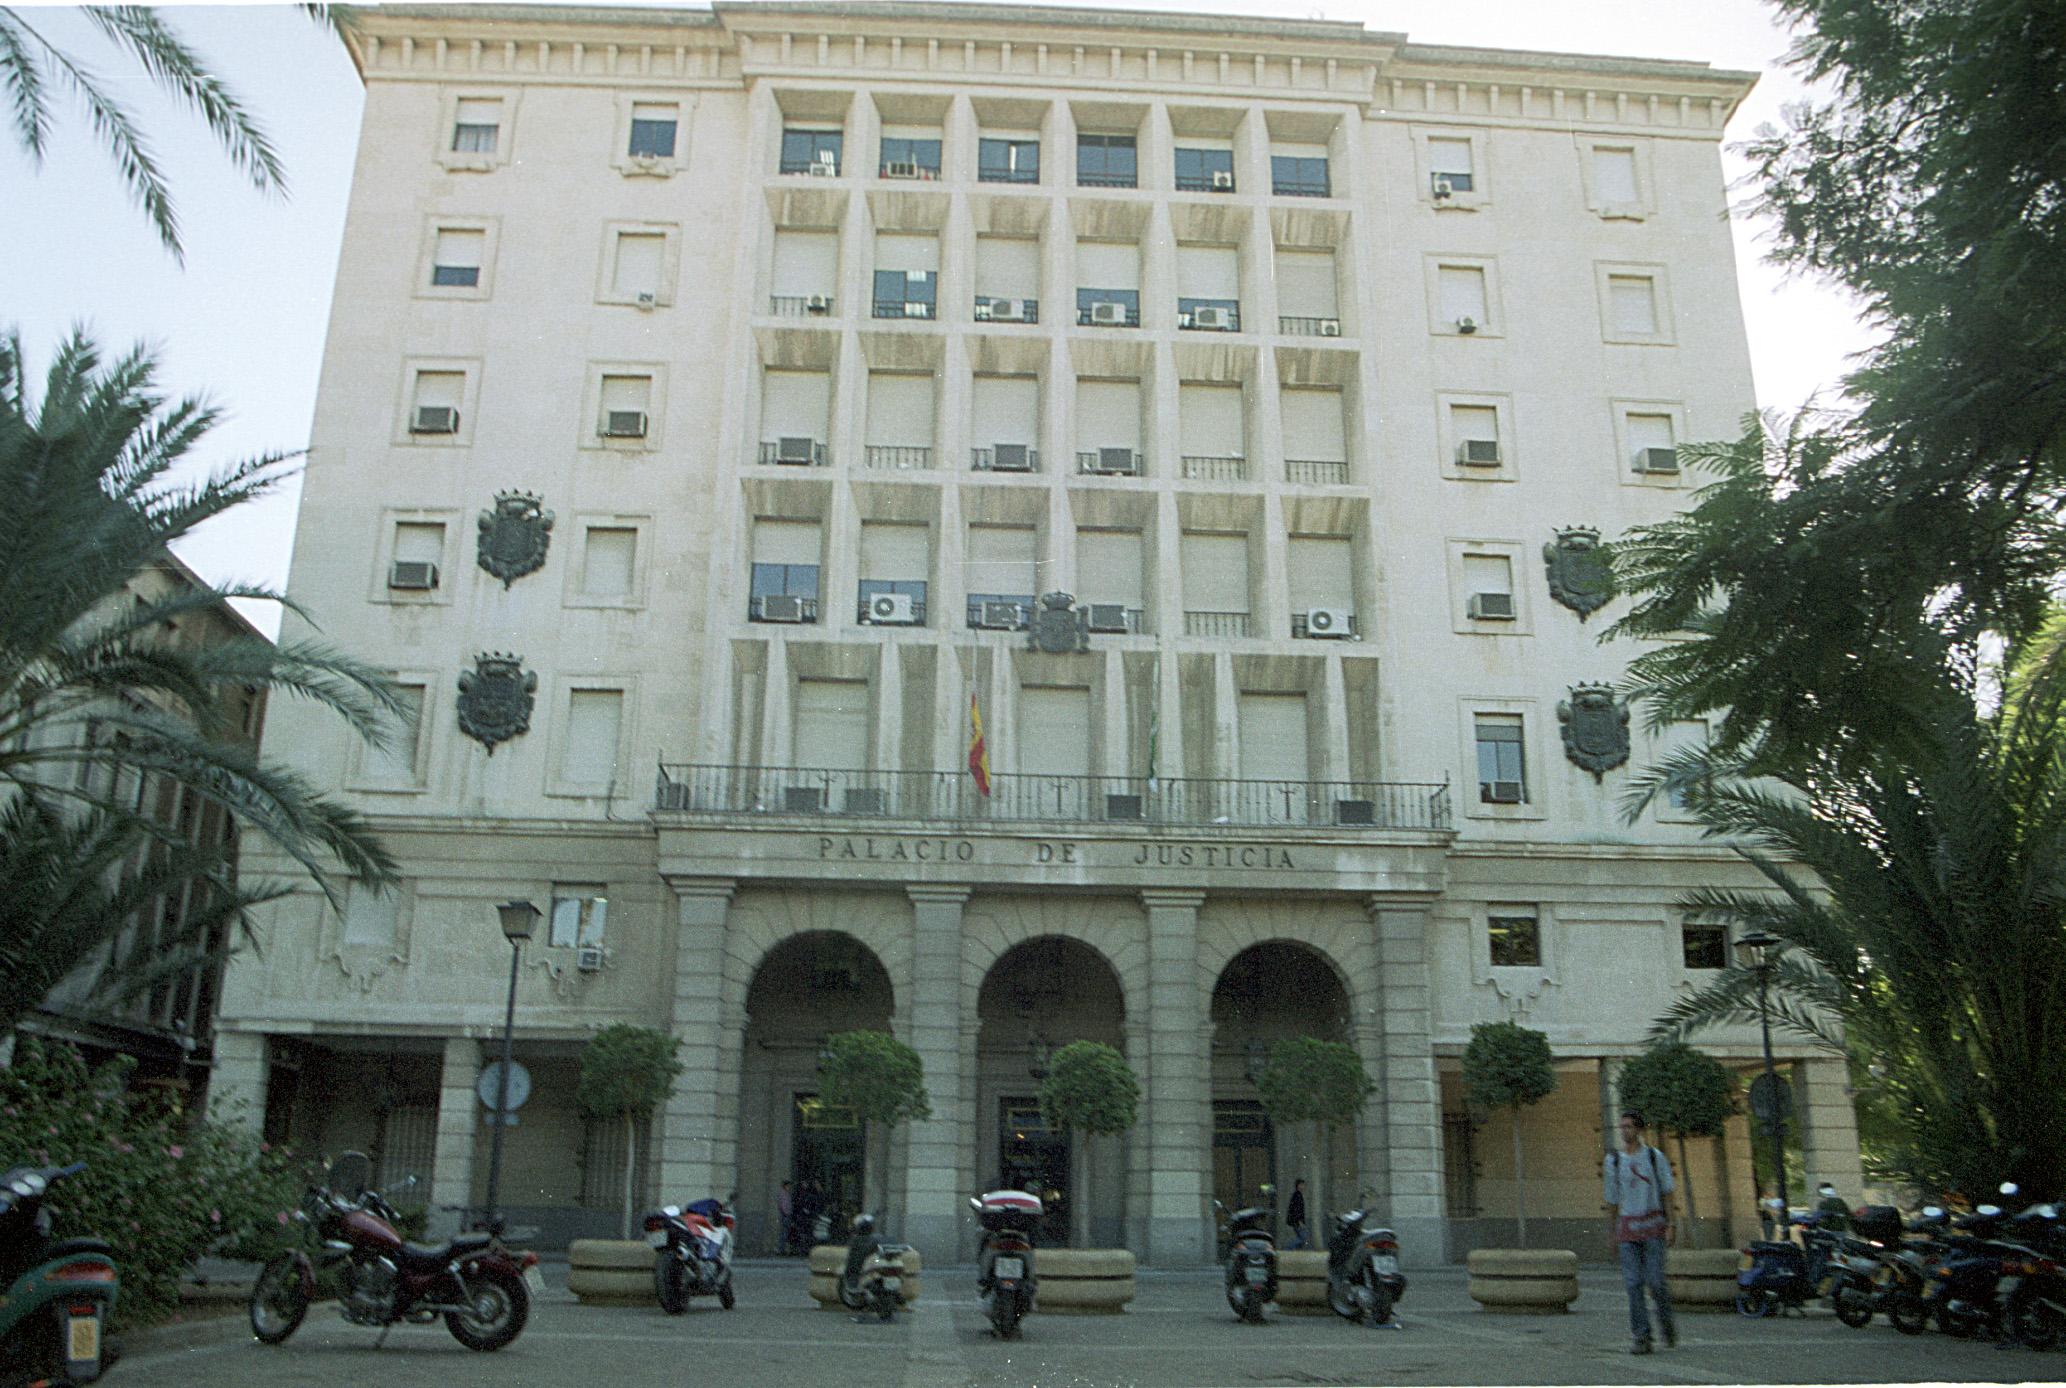 El edificio de la Audiencia Provincial de Sevilla